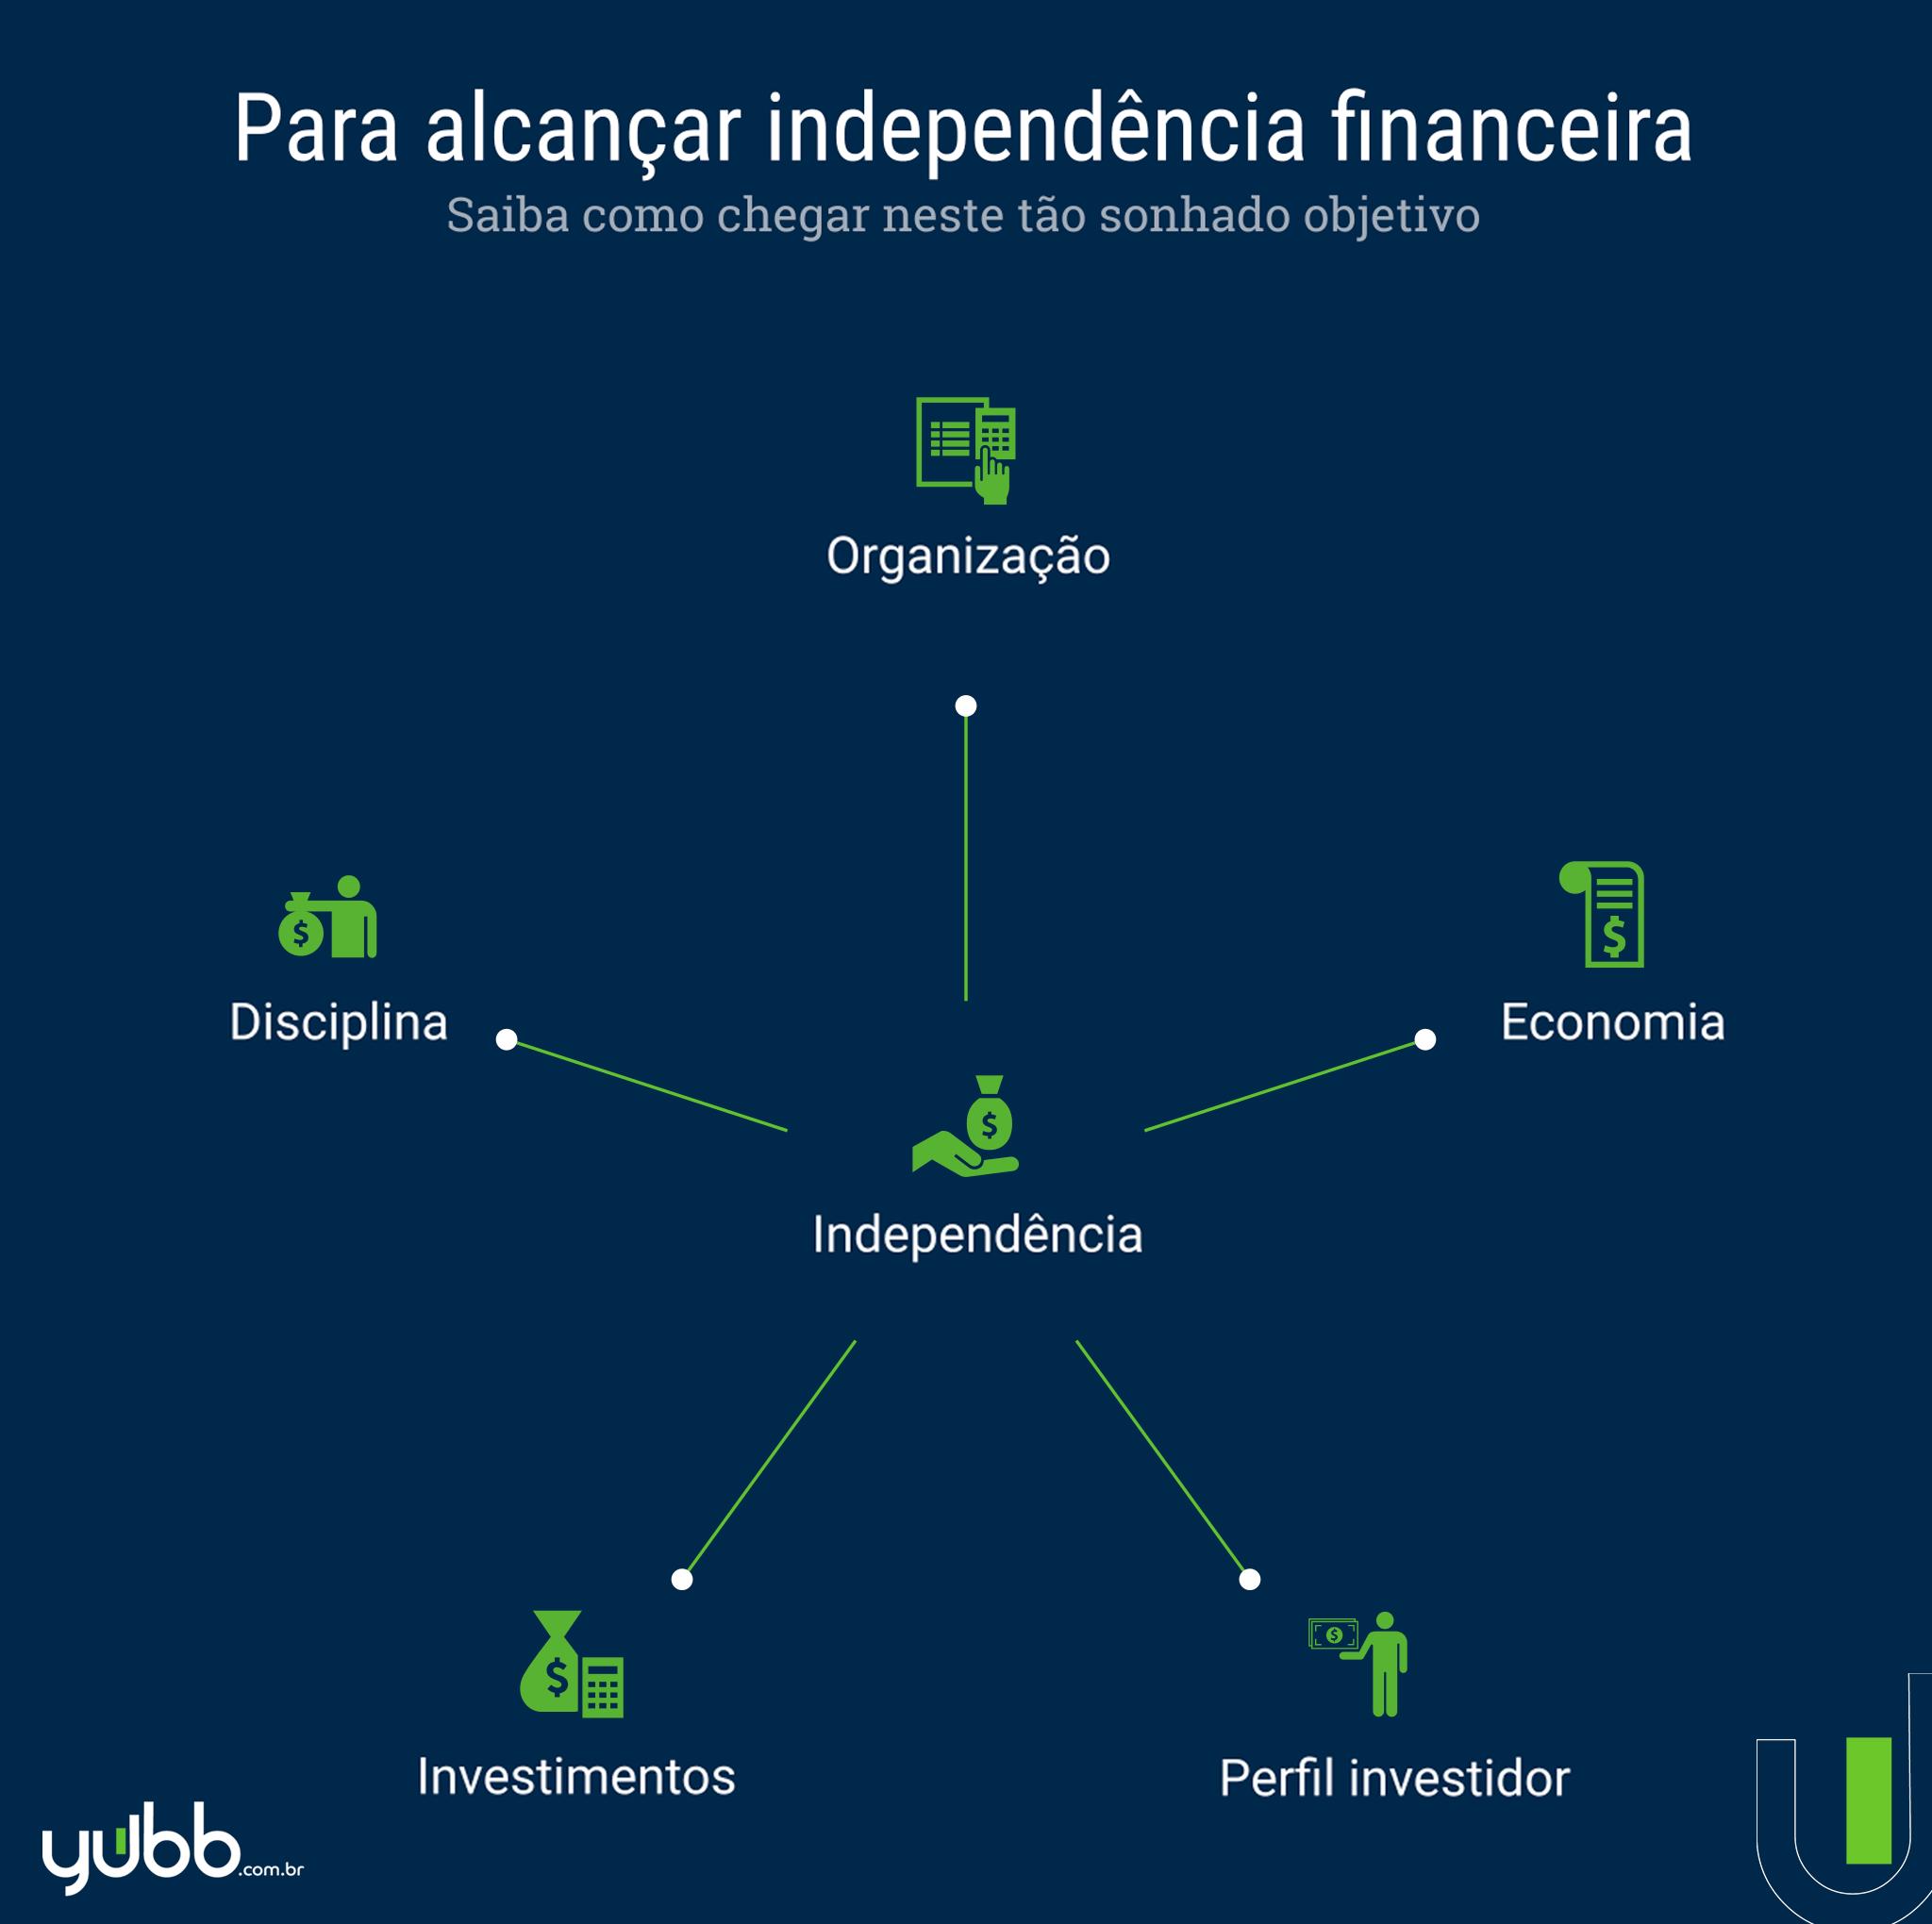 como alcançar independência financeira